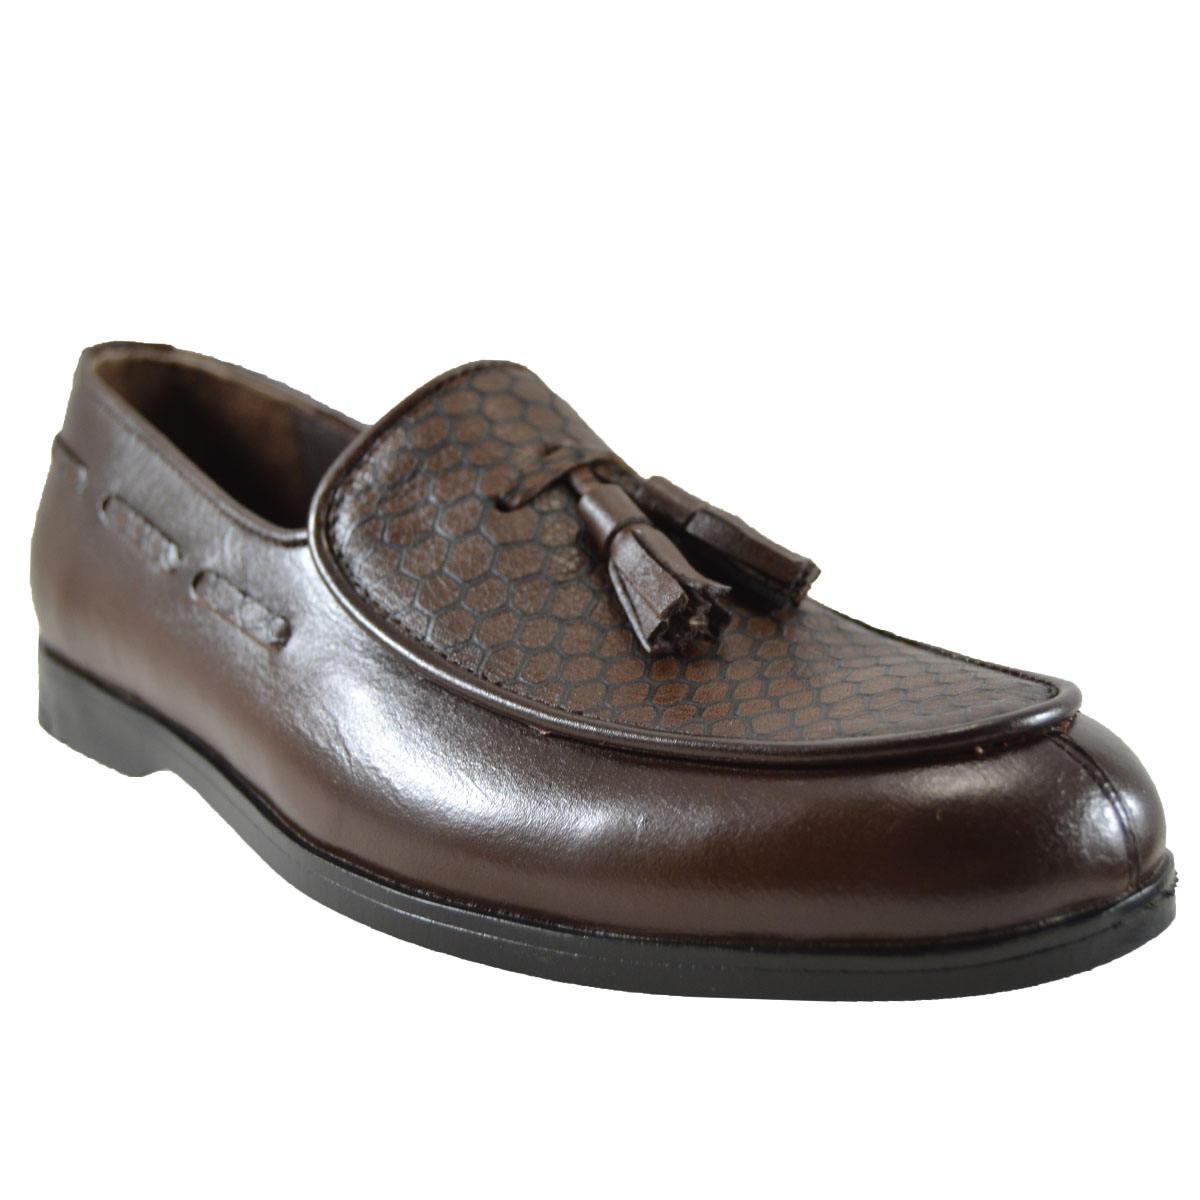 کفش روزمره مردانه کد 266 -  - 6